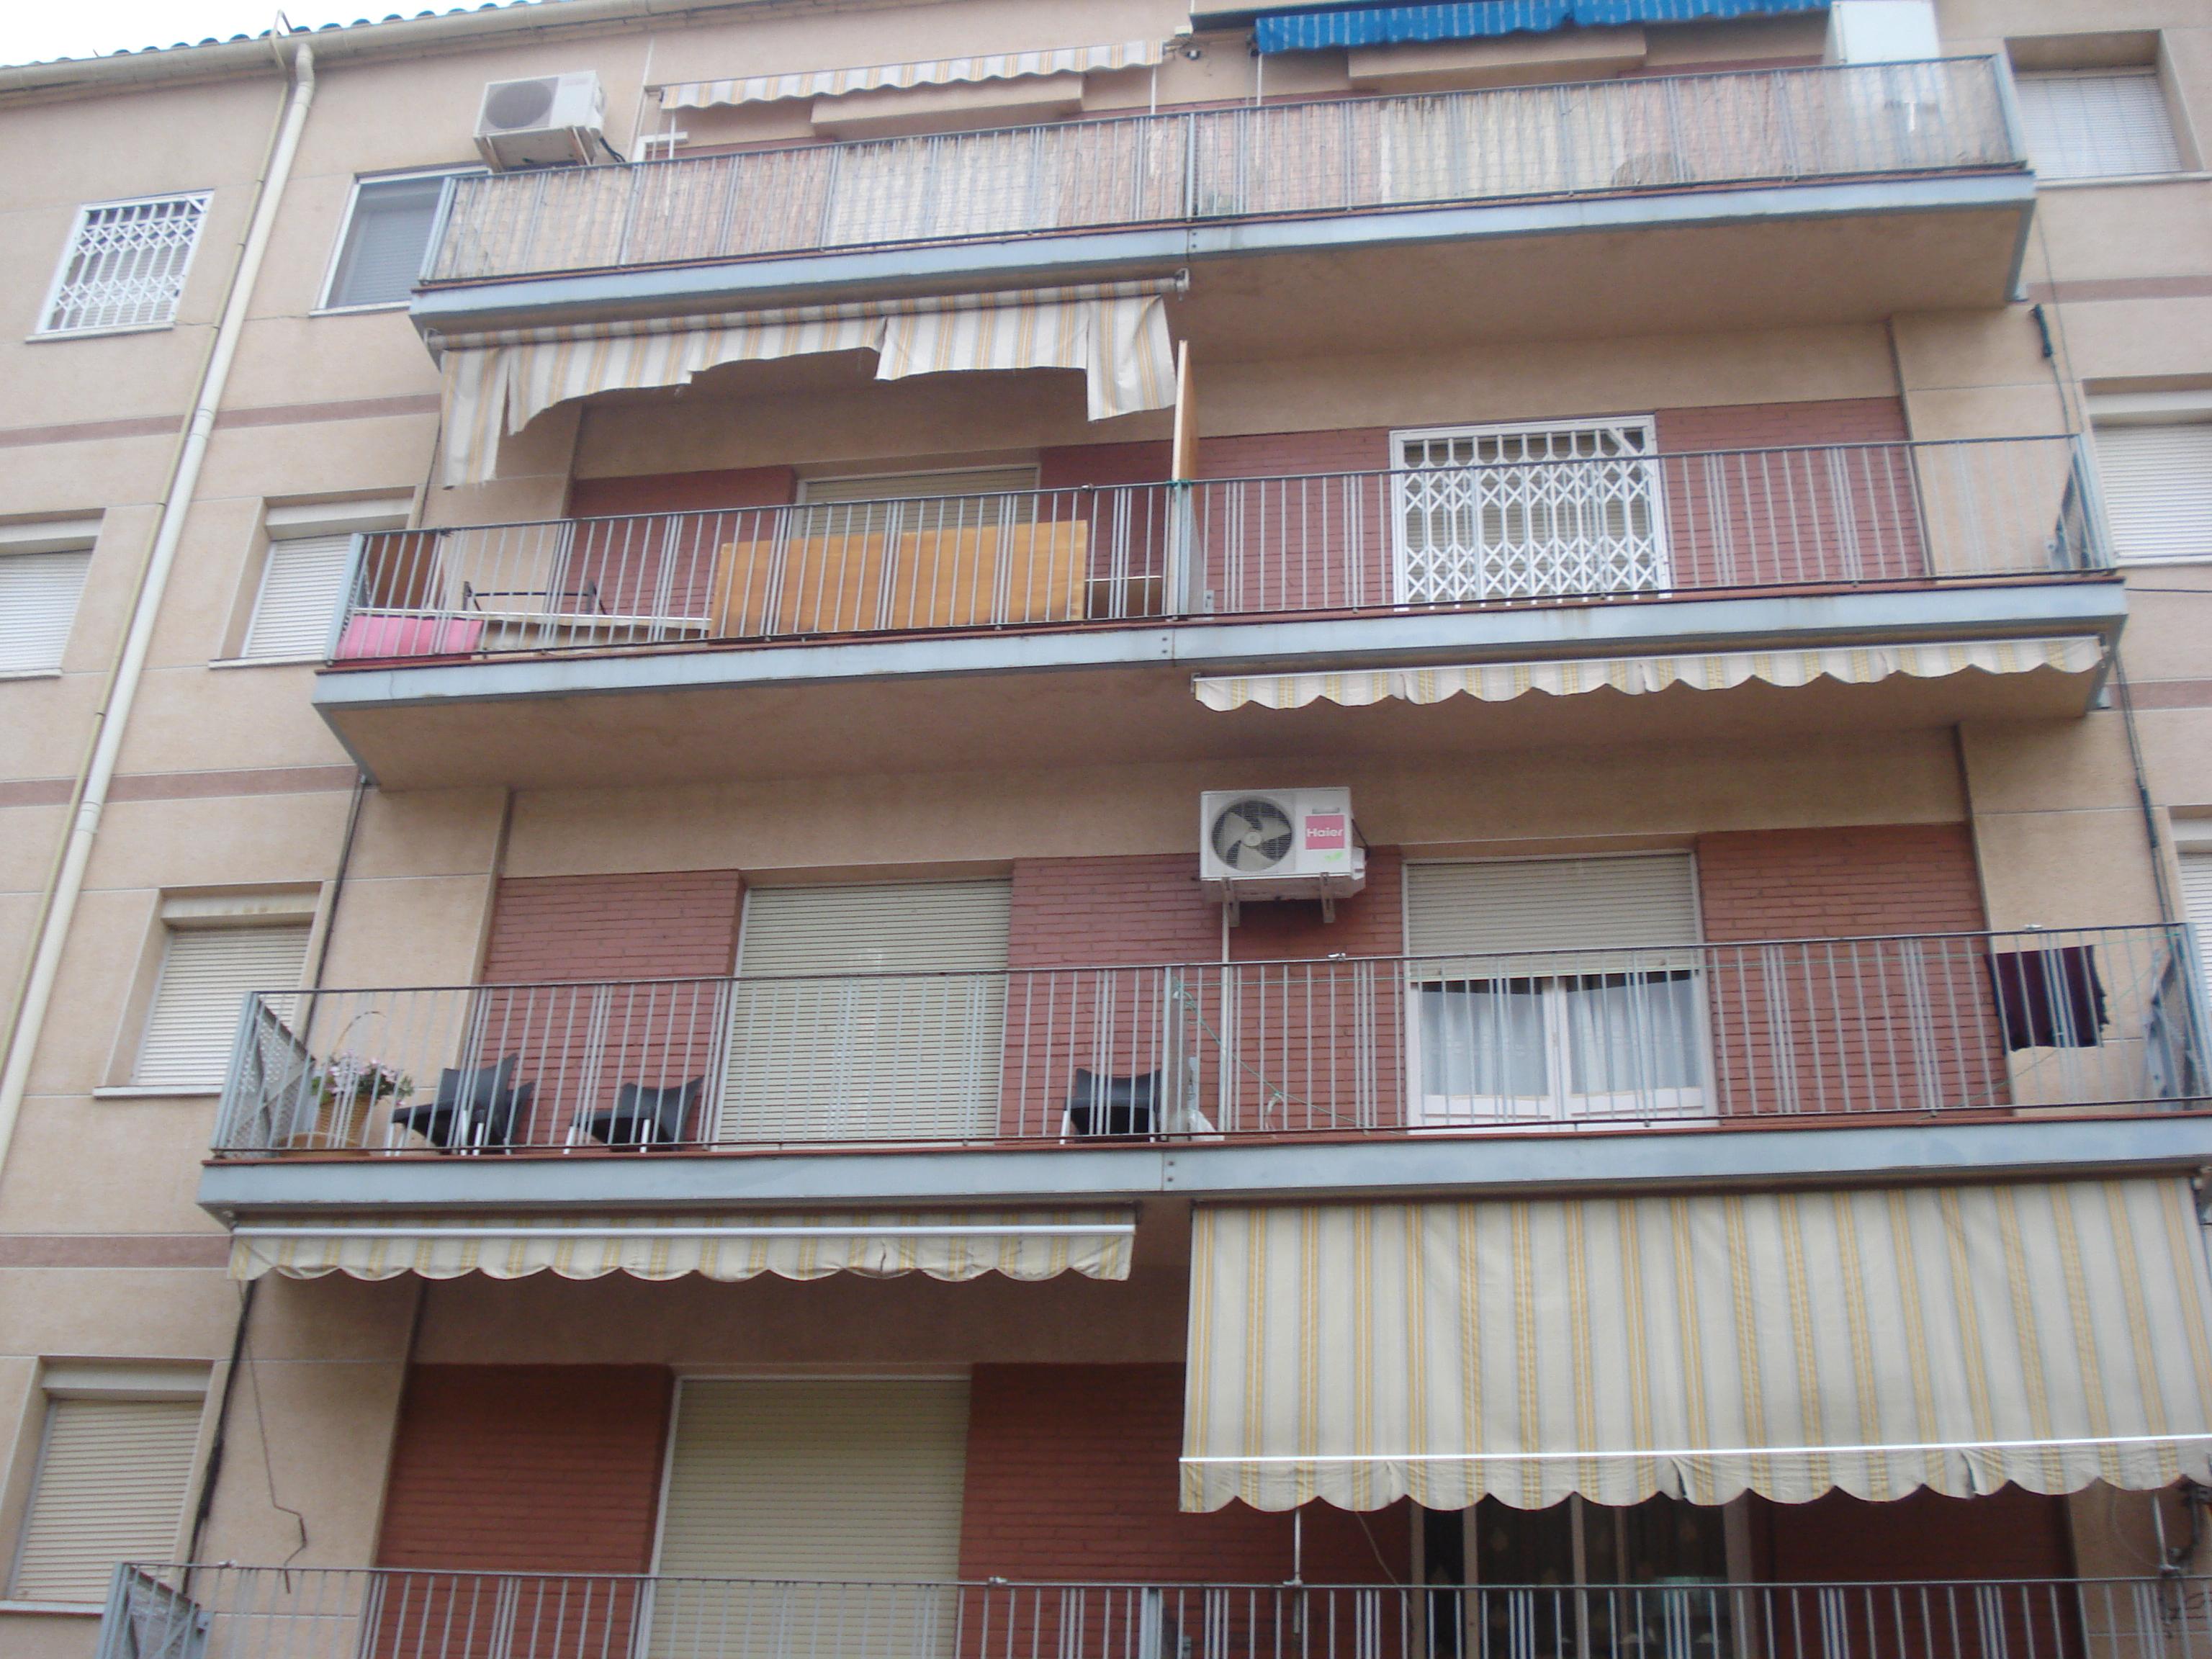 Piso en venta en Terrassa, Barcelona, Calle Germa Joaquim, 68.500 €, 3 habitaciones, 1 baño, 78 m2